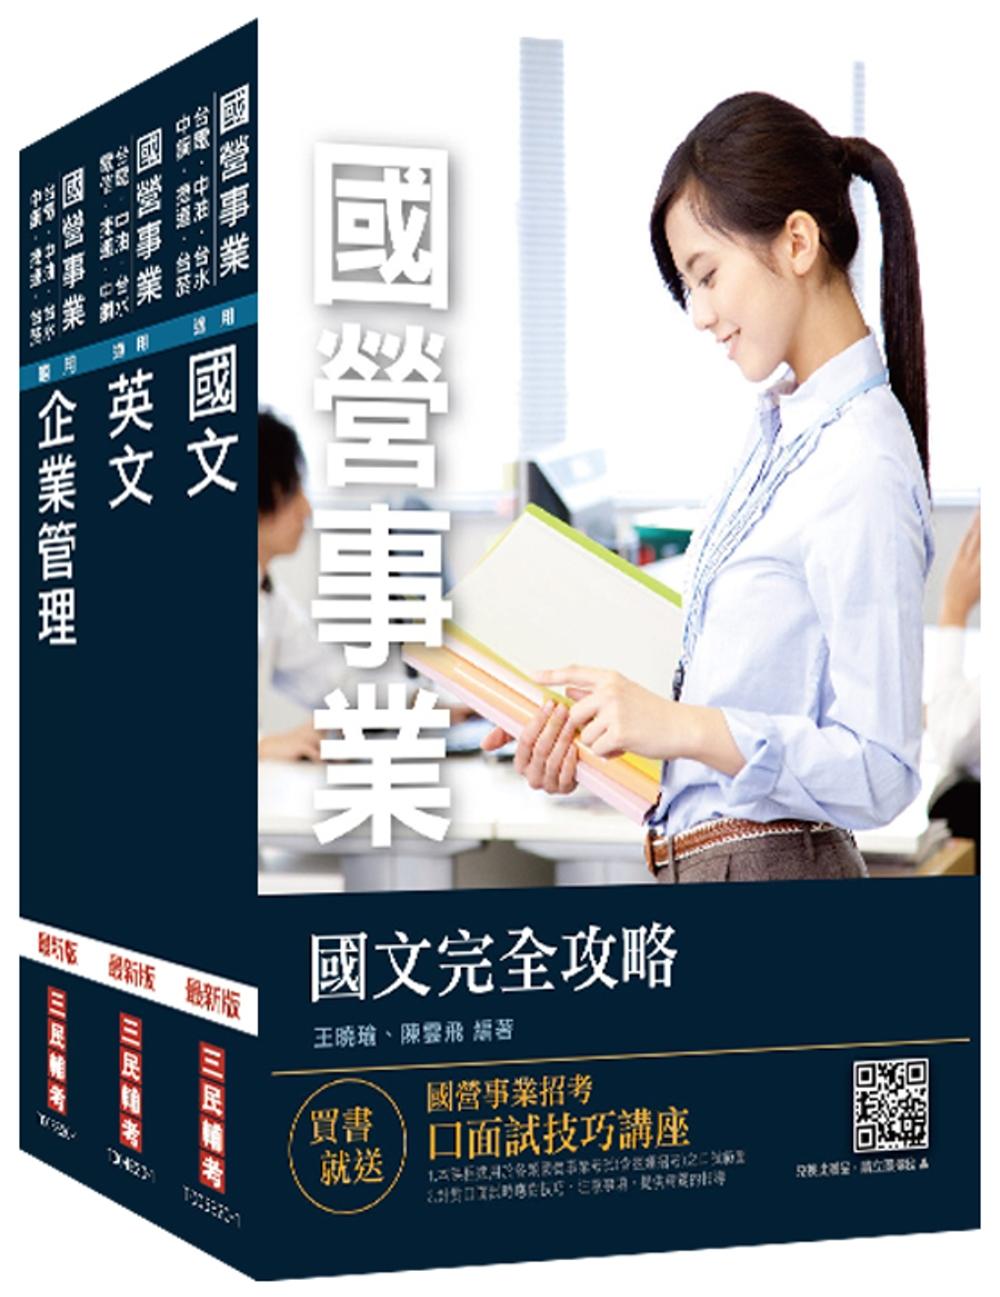 2020台糖新進工員甄試[業務/商品銷售]套書(不含Excel與Word)